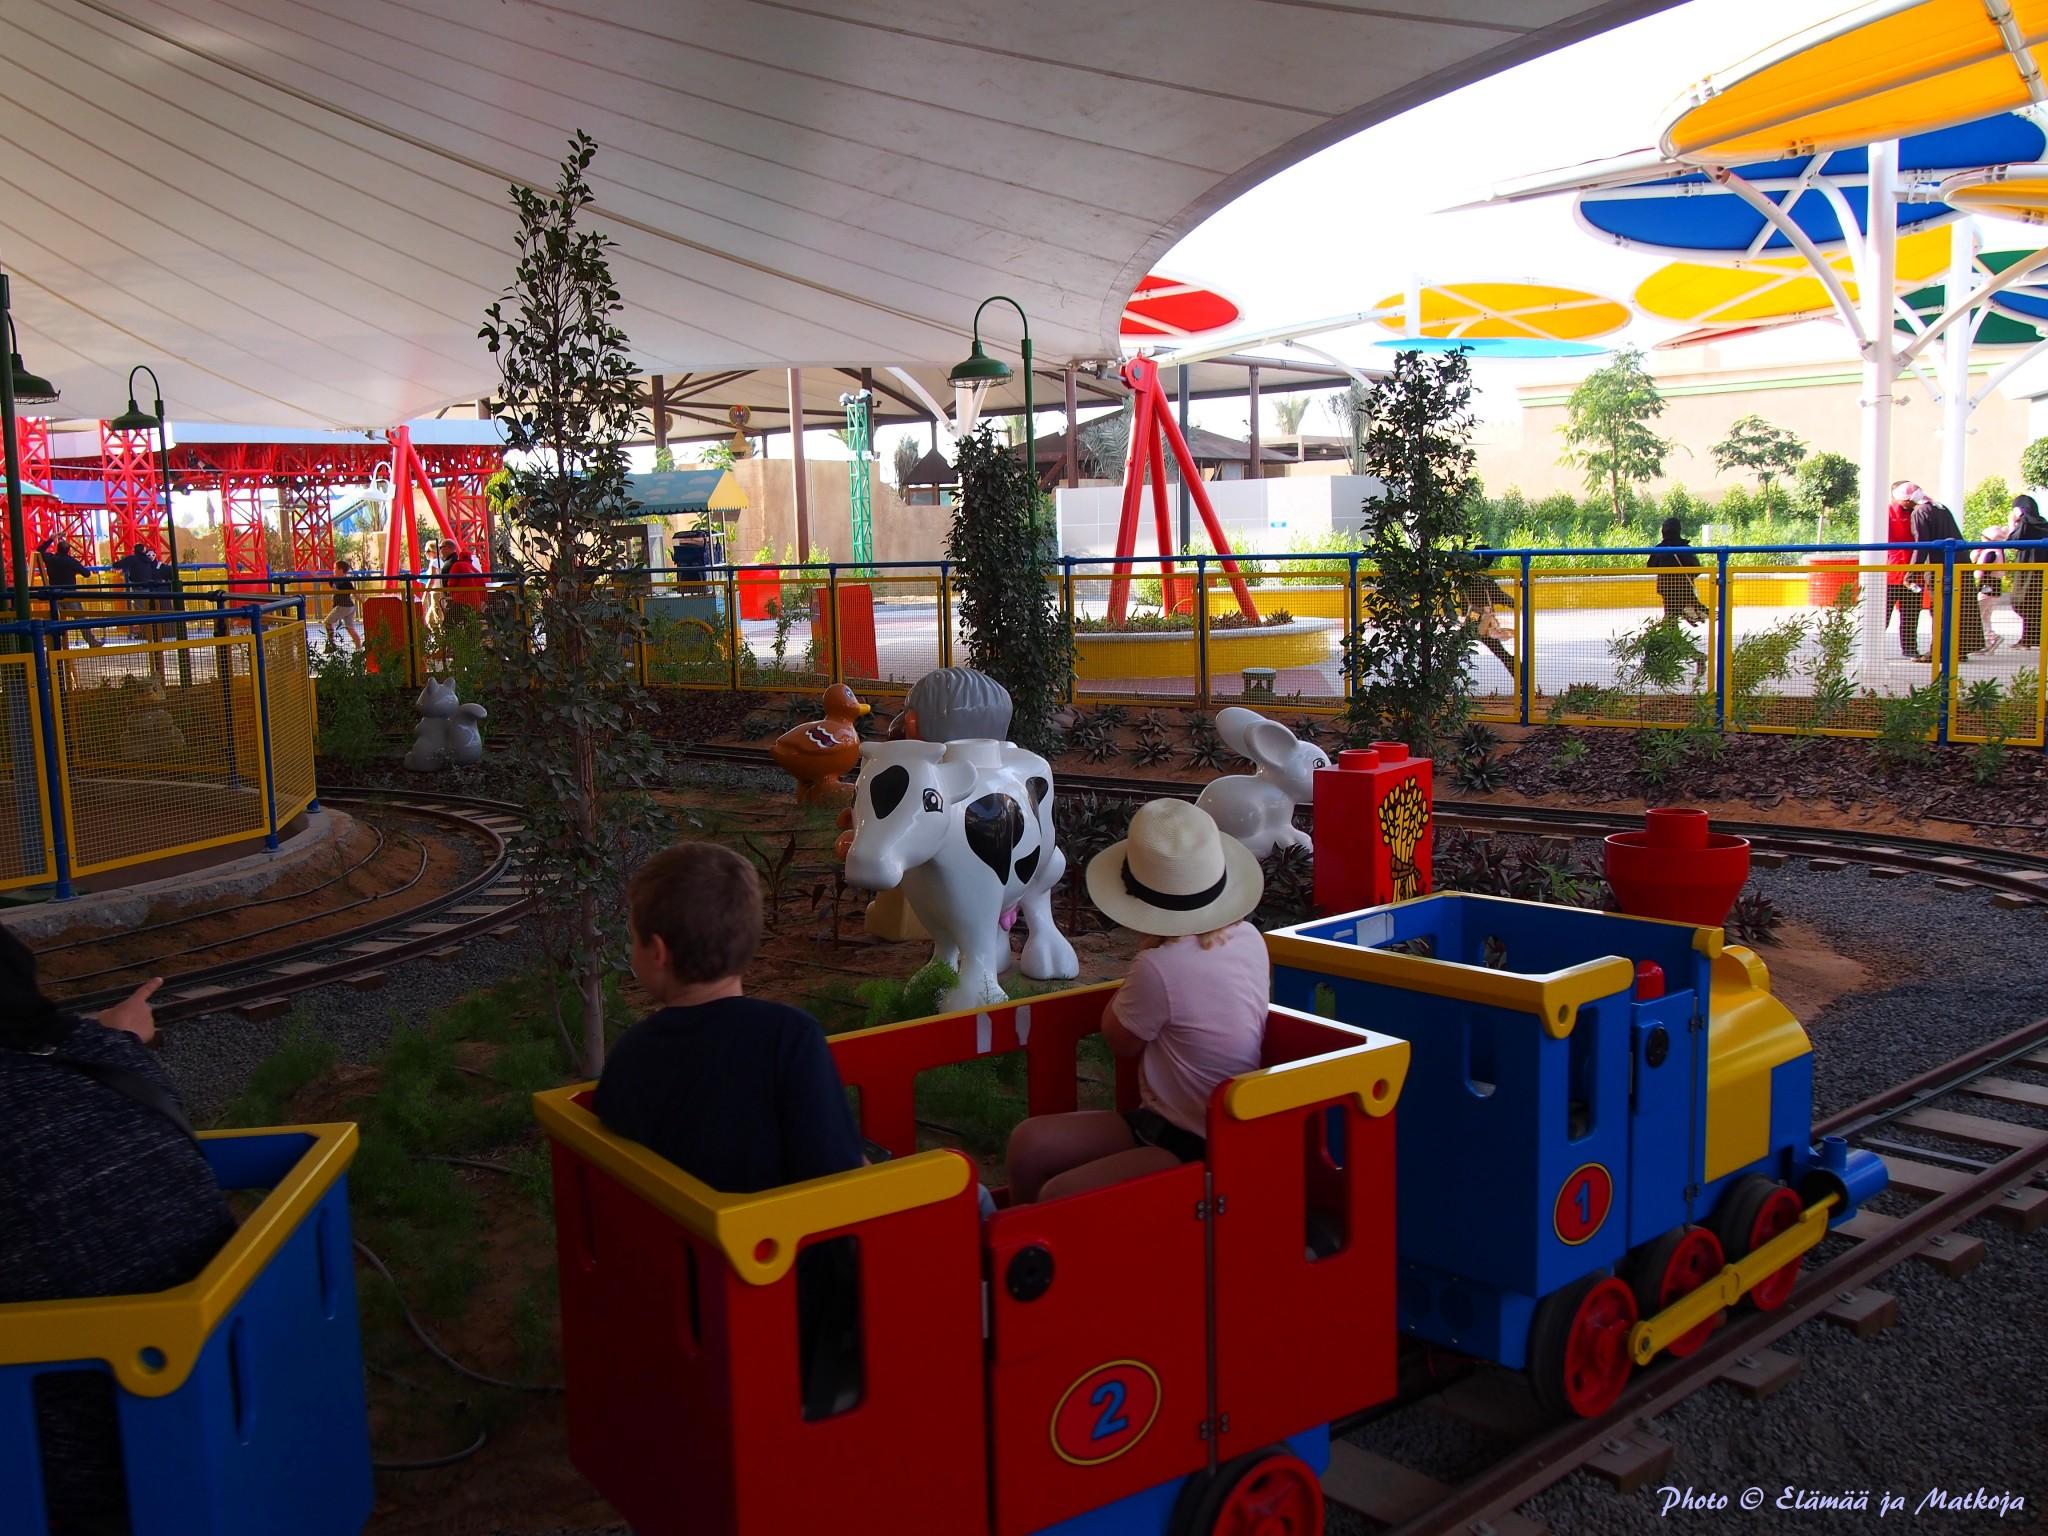 Legoland Dubai minijuna Photo © Elämää ja Matkoja